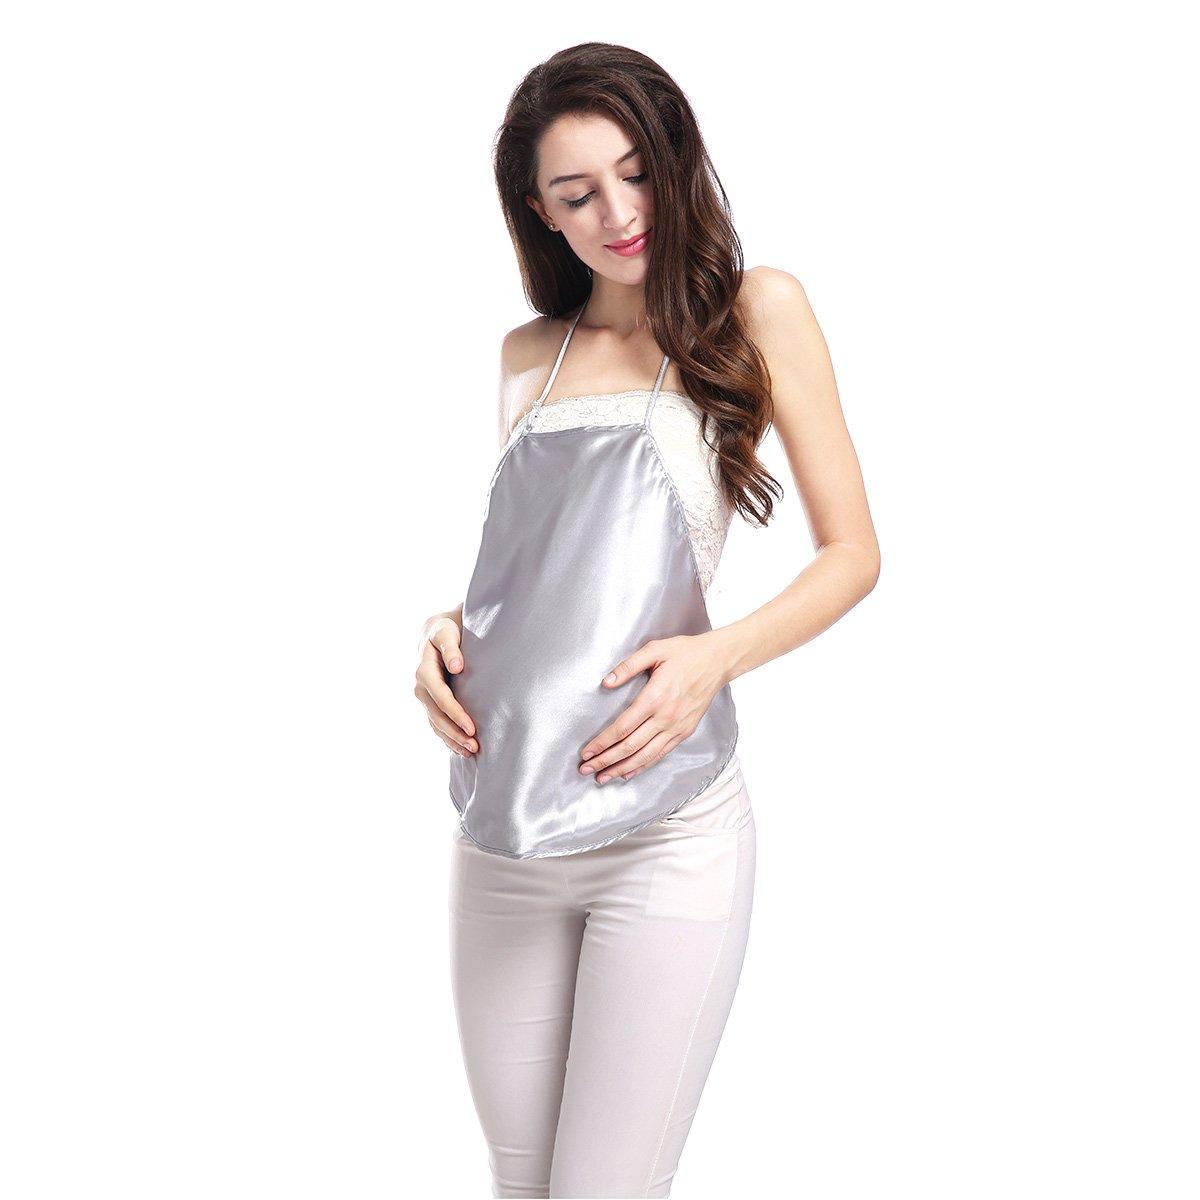 Plata de iones de fibra de protección contra la radiación de ropa de maternidad protección Shm QM002: Amazon.es: Ropa y accesorios